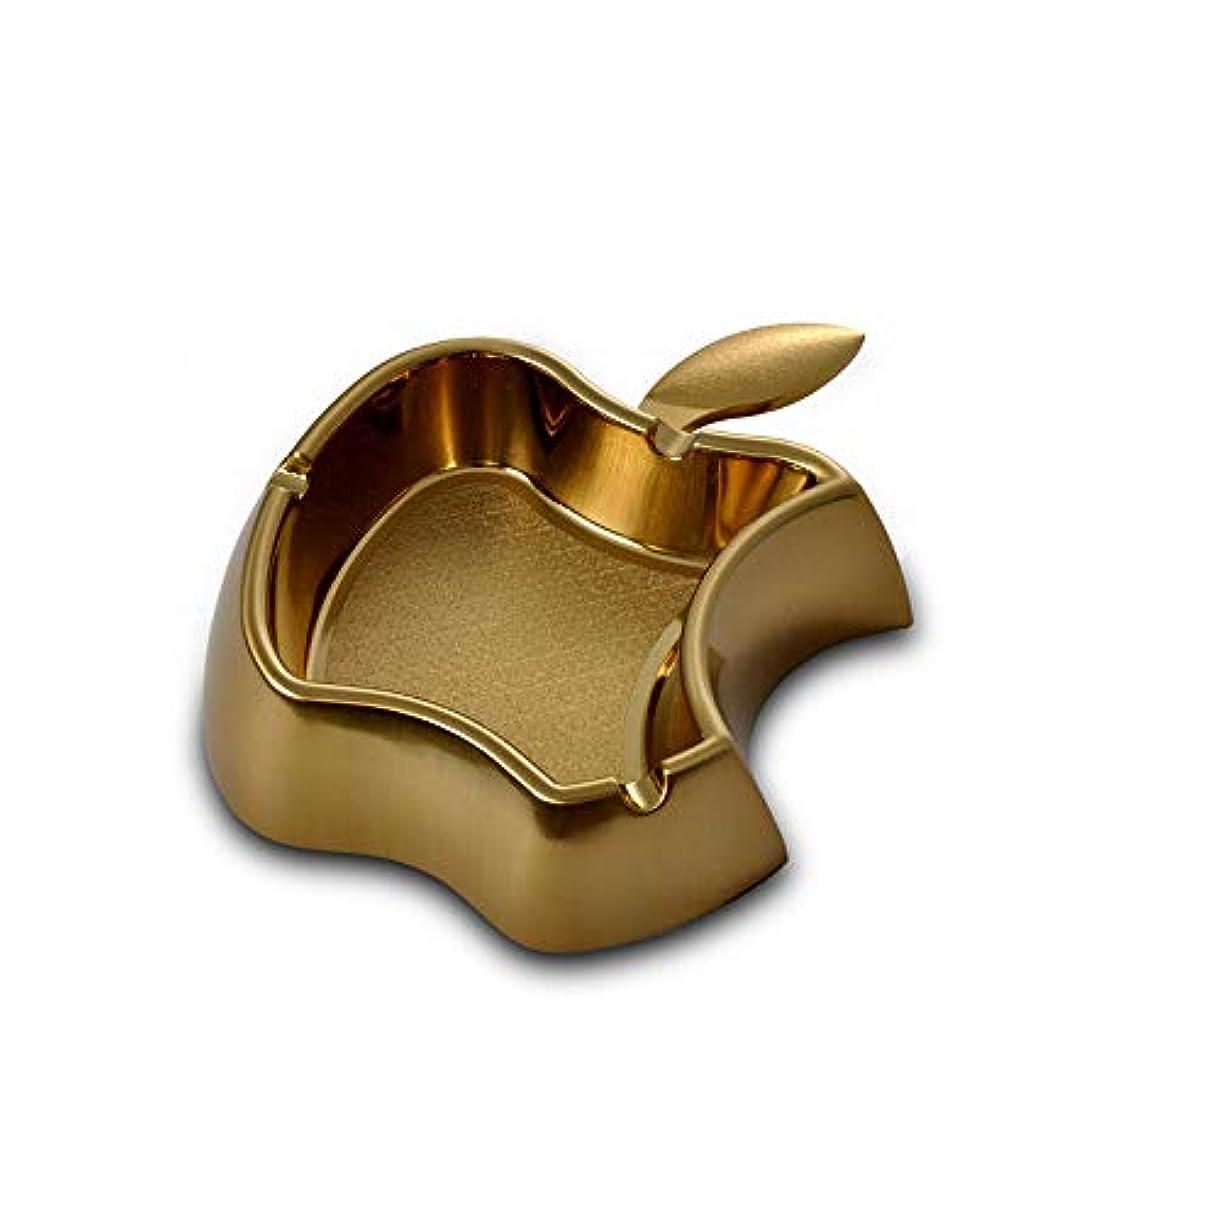 メディック勝つ知性クリエイティブアップルメタル灰皿シンプルな灰皿耐火ドロップ灰皿 (色 : ゴールド)